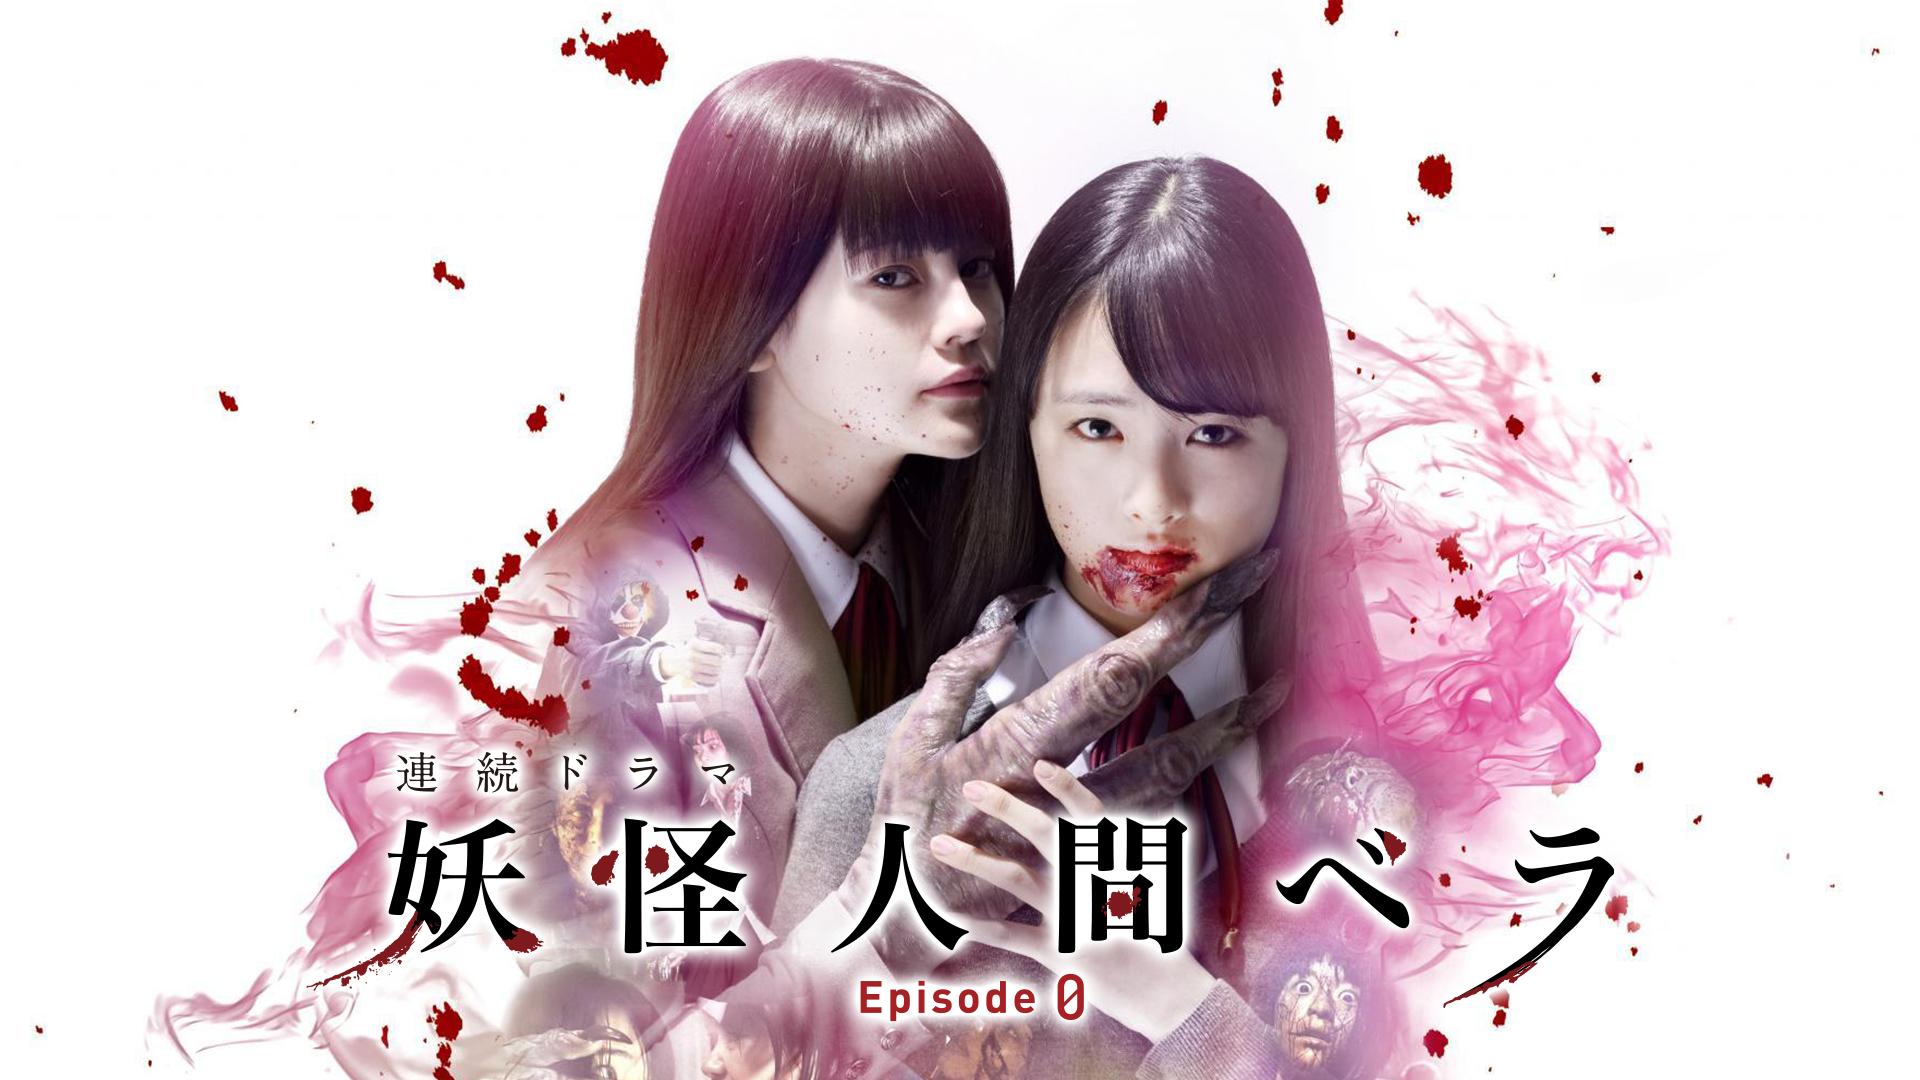 妖怪人間ベラEpisode0(エピソードゼロ)無料動画フル視聴!